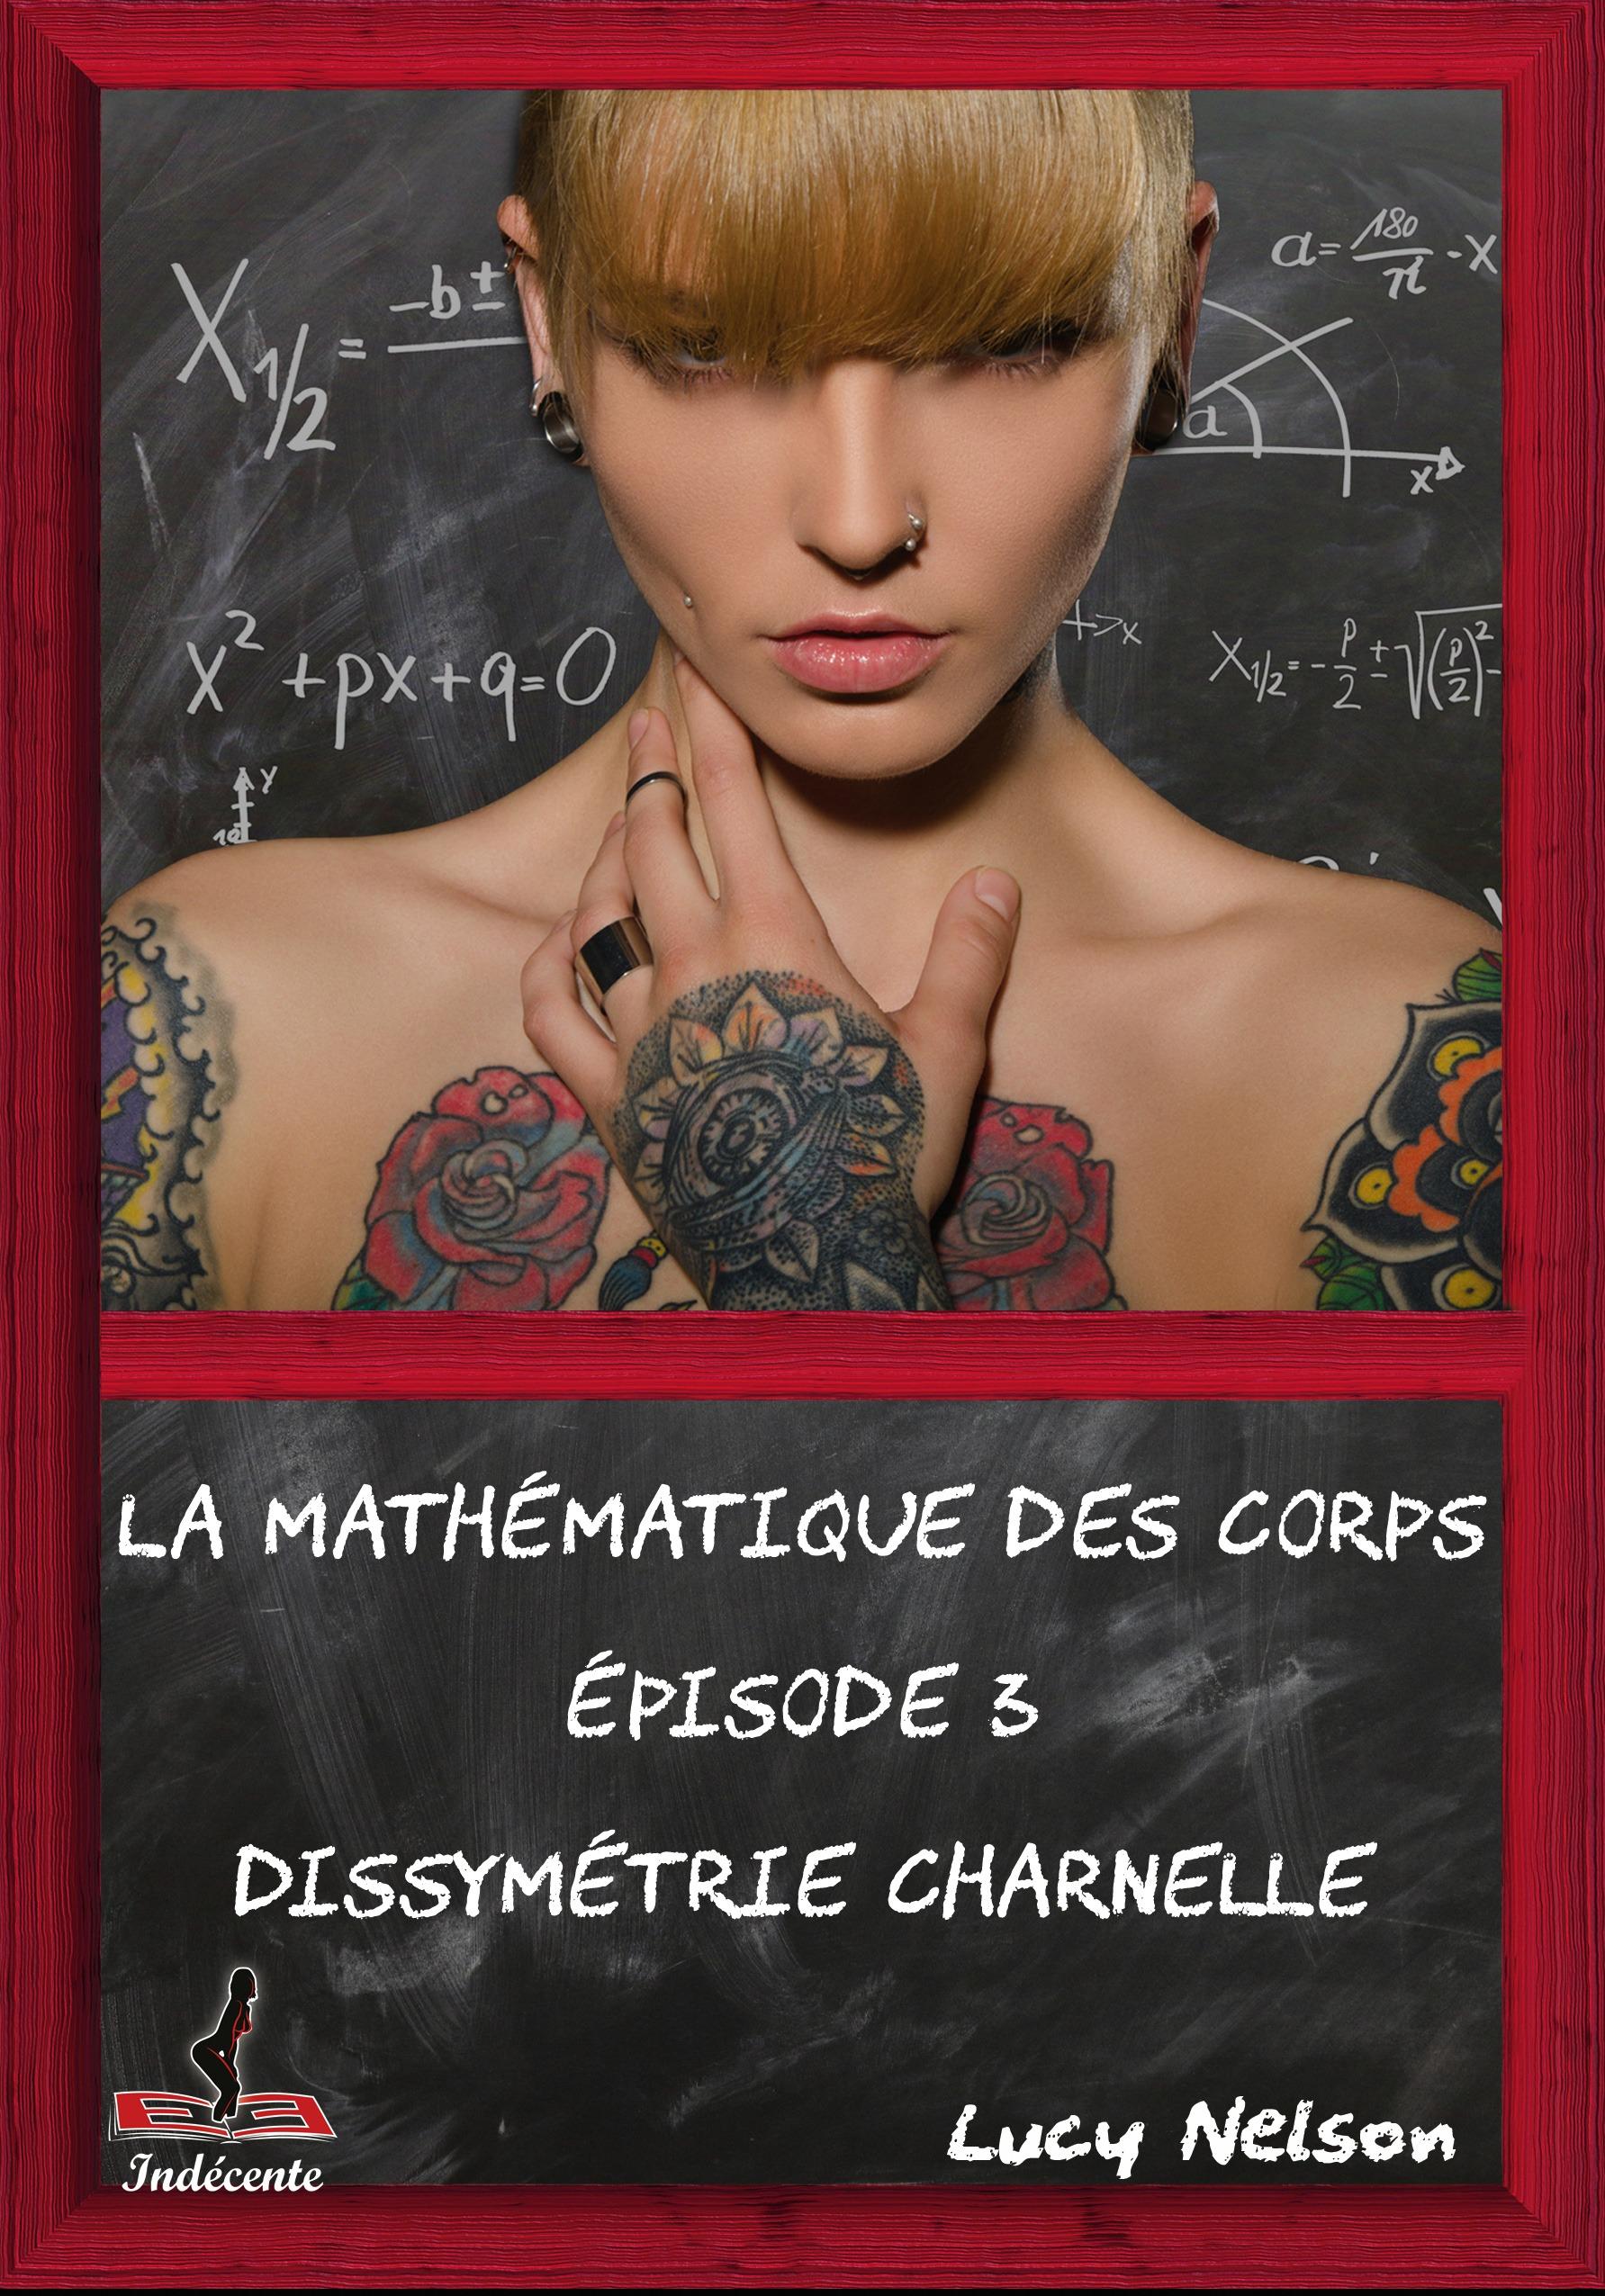 La mathématique des corps tome 3, DISSYMÉTRIE CHARNELLE